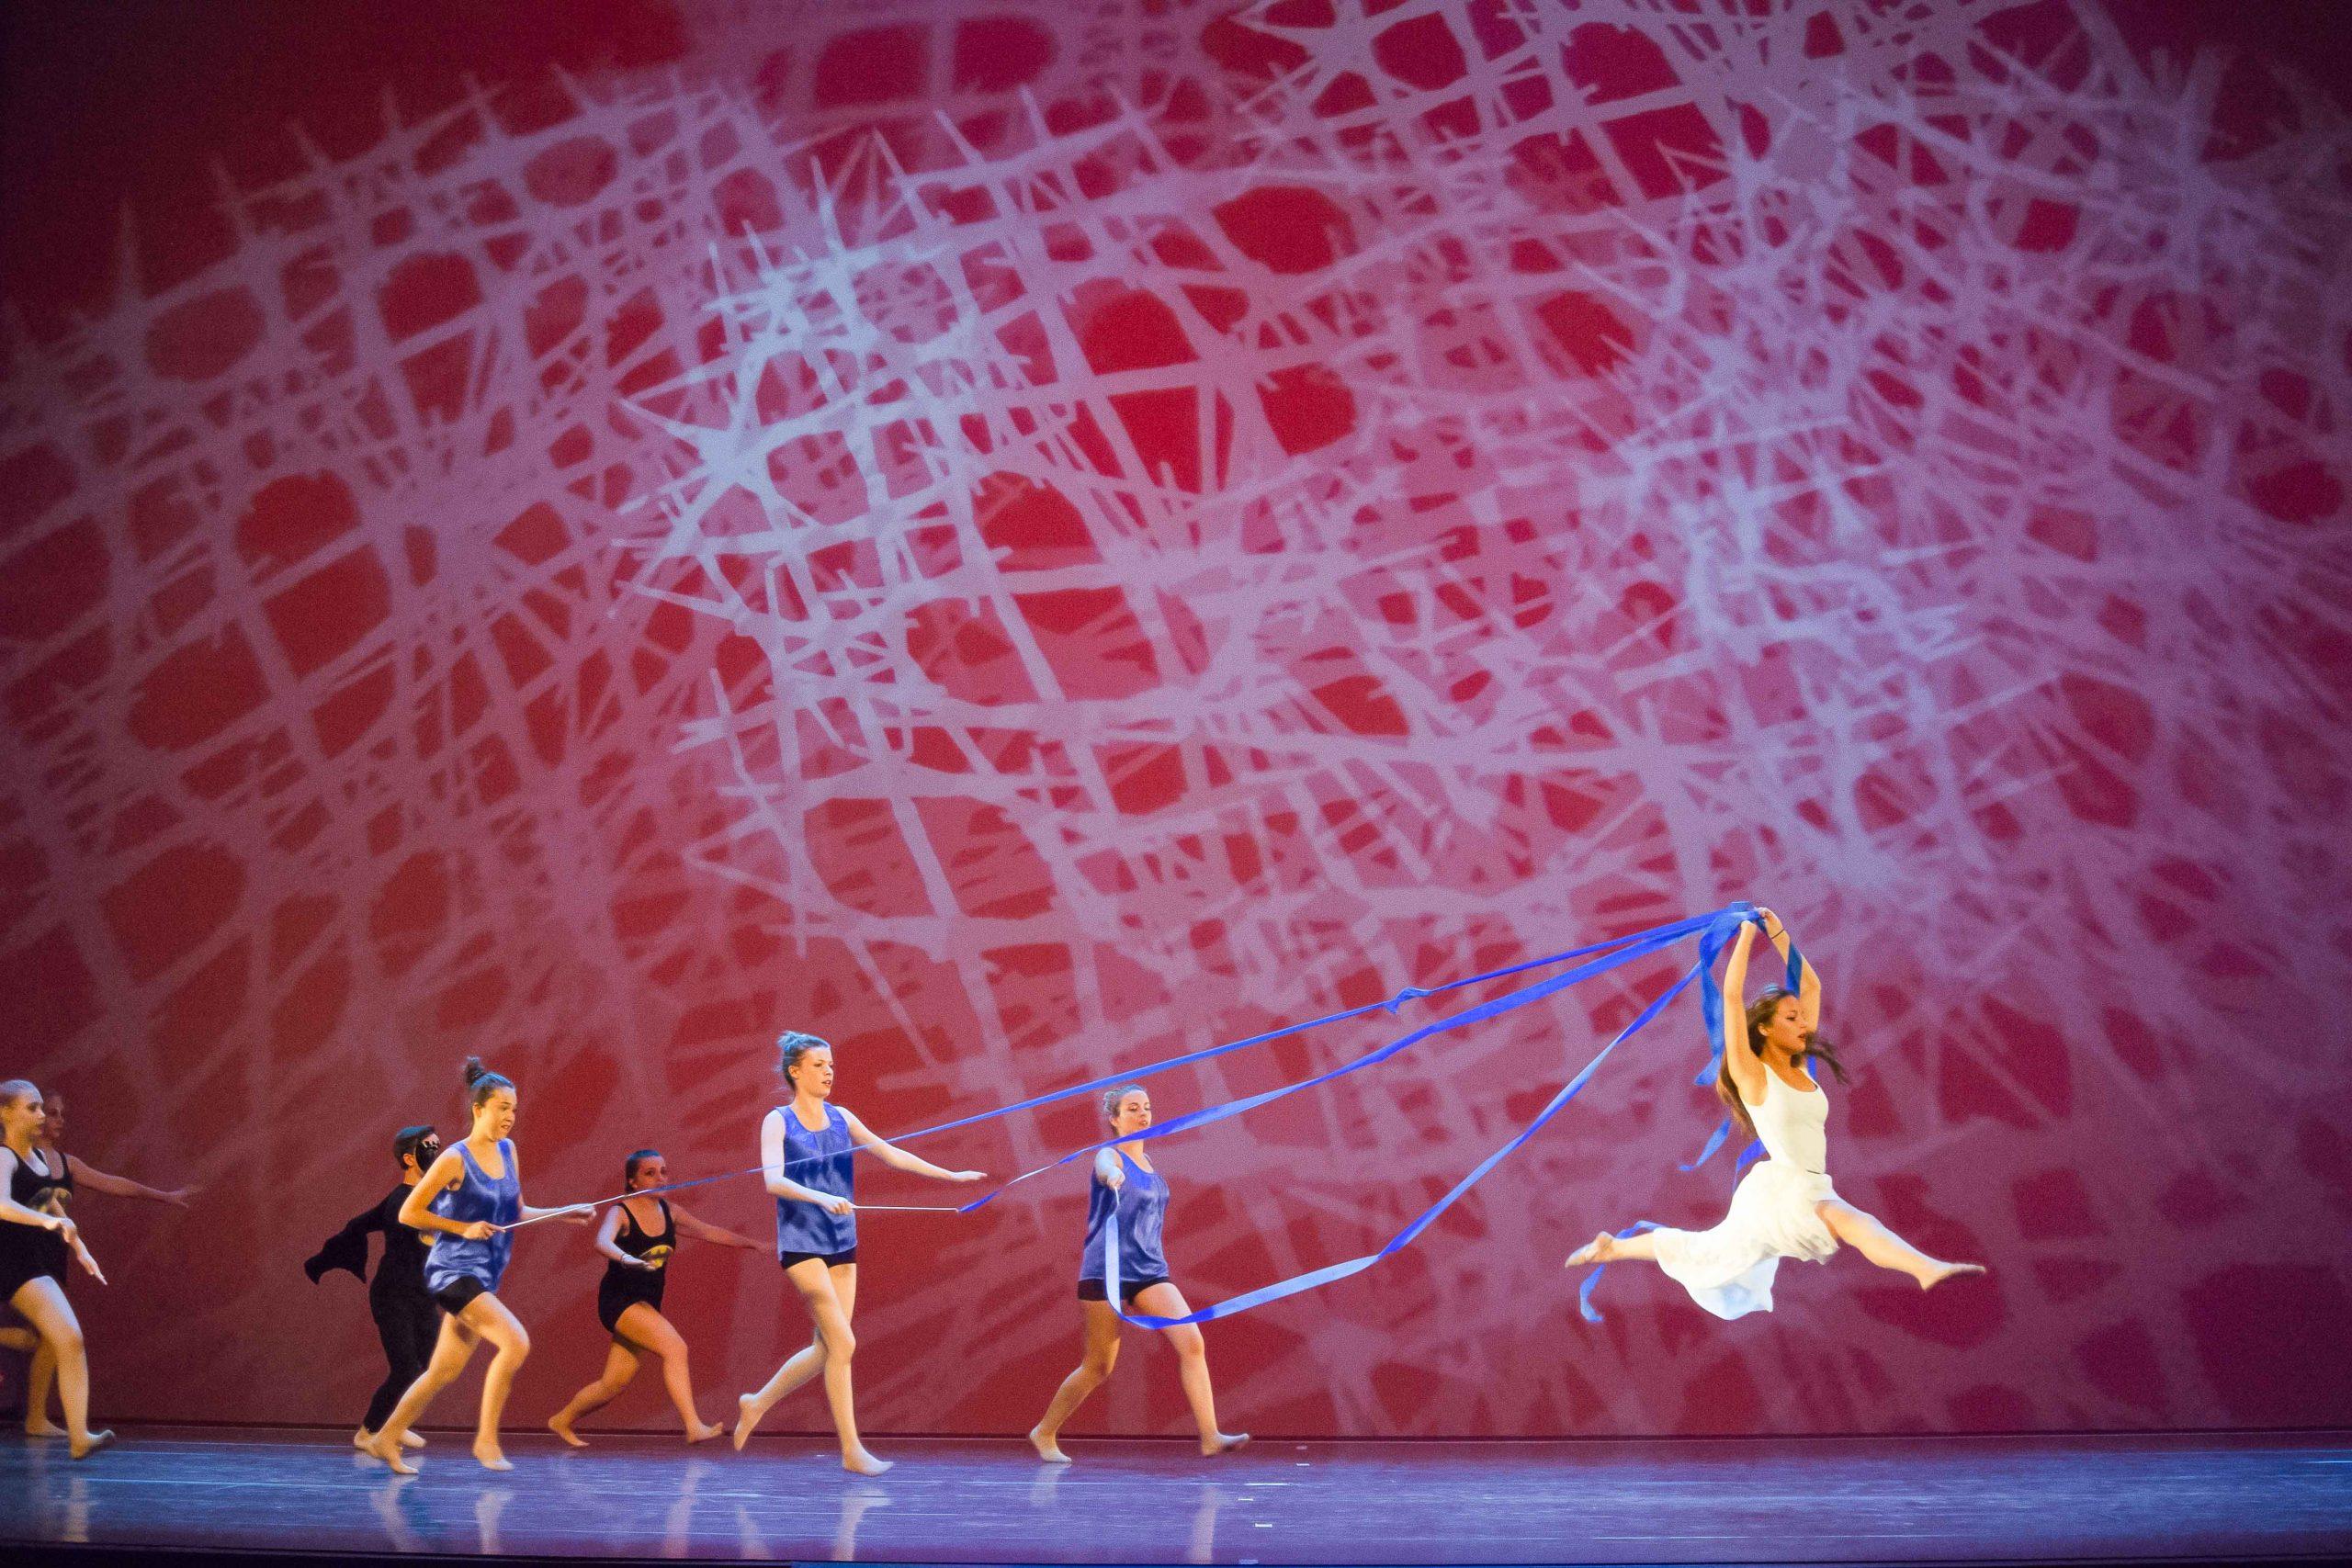 Foto von Tänzern, bearbeitet mit HDRinstant